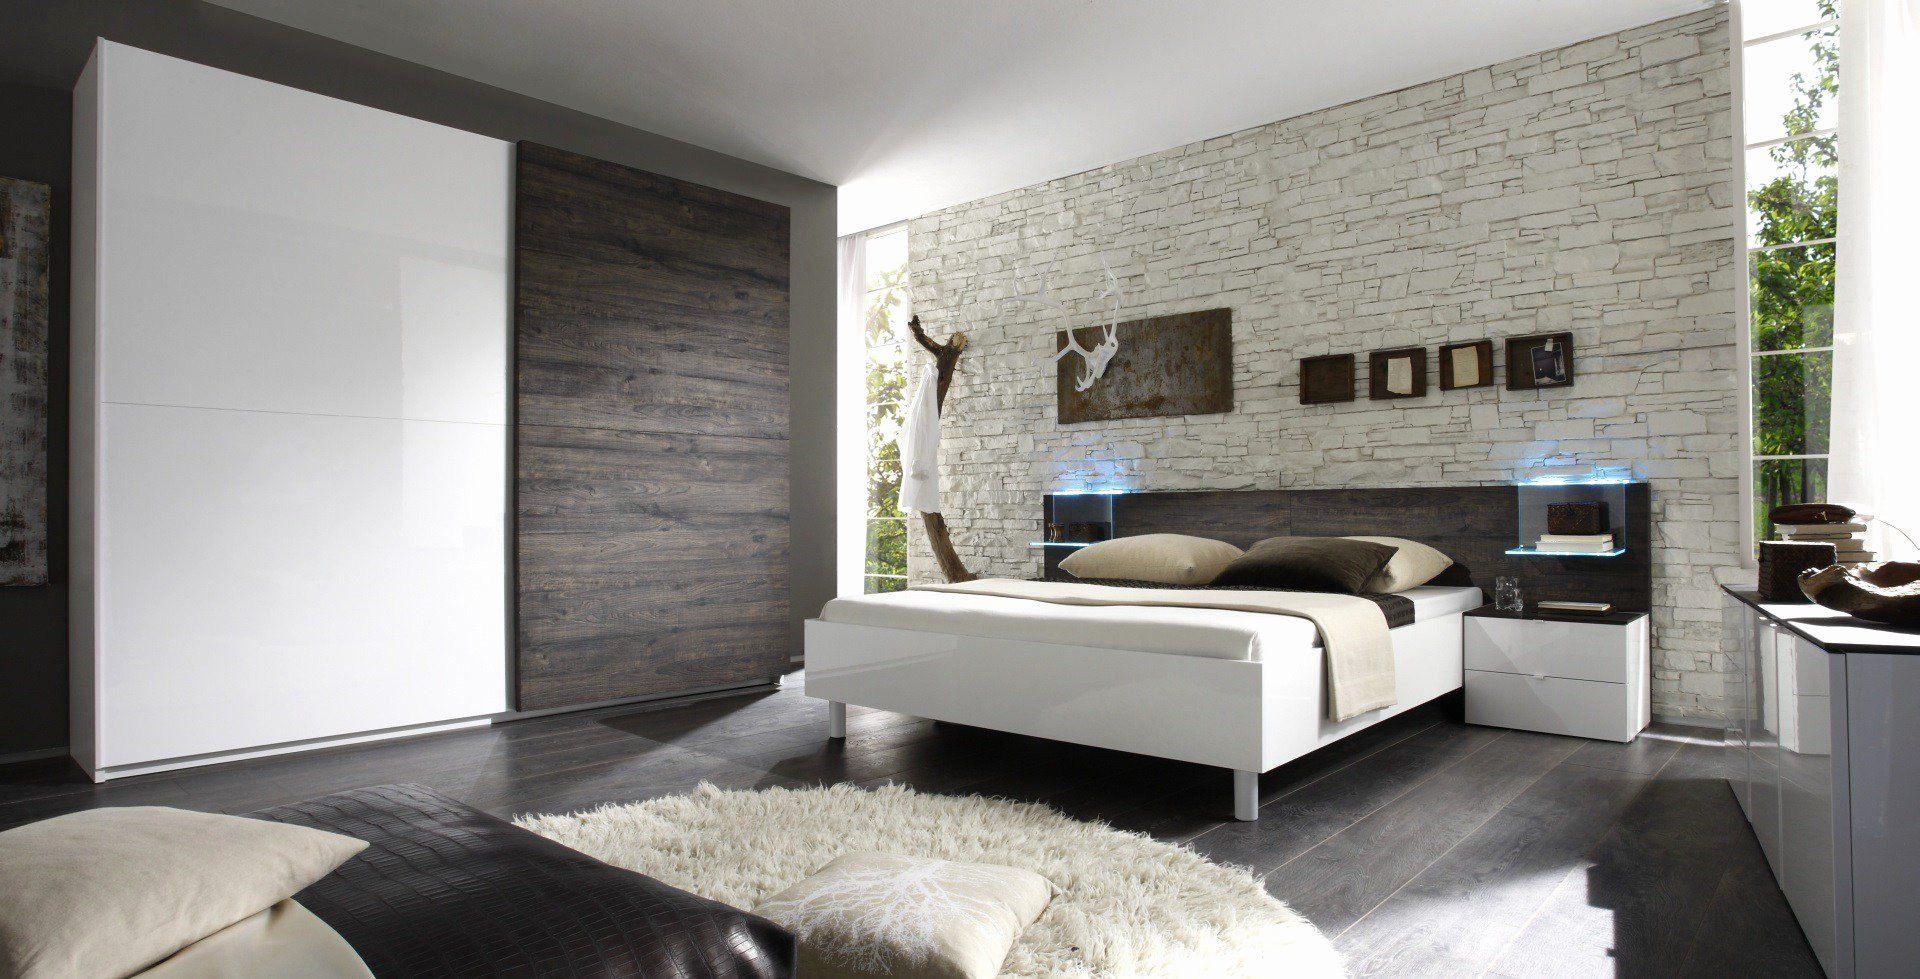 Lit Mezzanine Pour Adulte Lit Mezzanine Design Lit Mezzanine Design